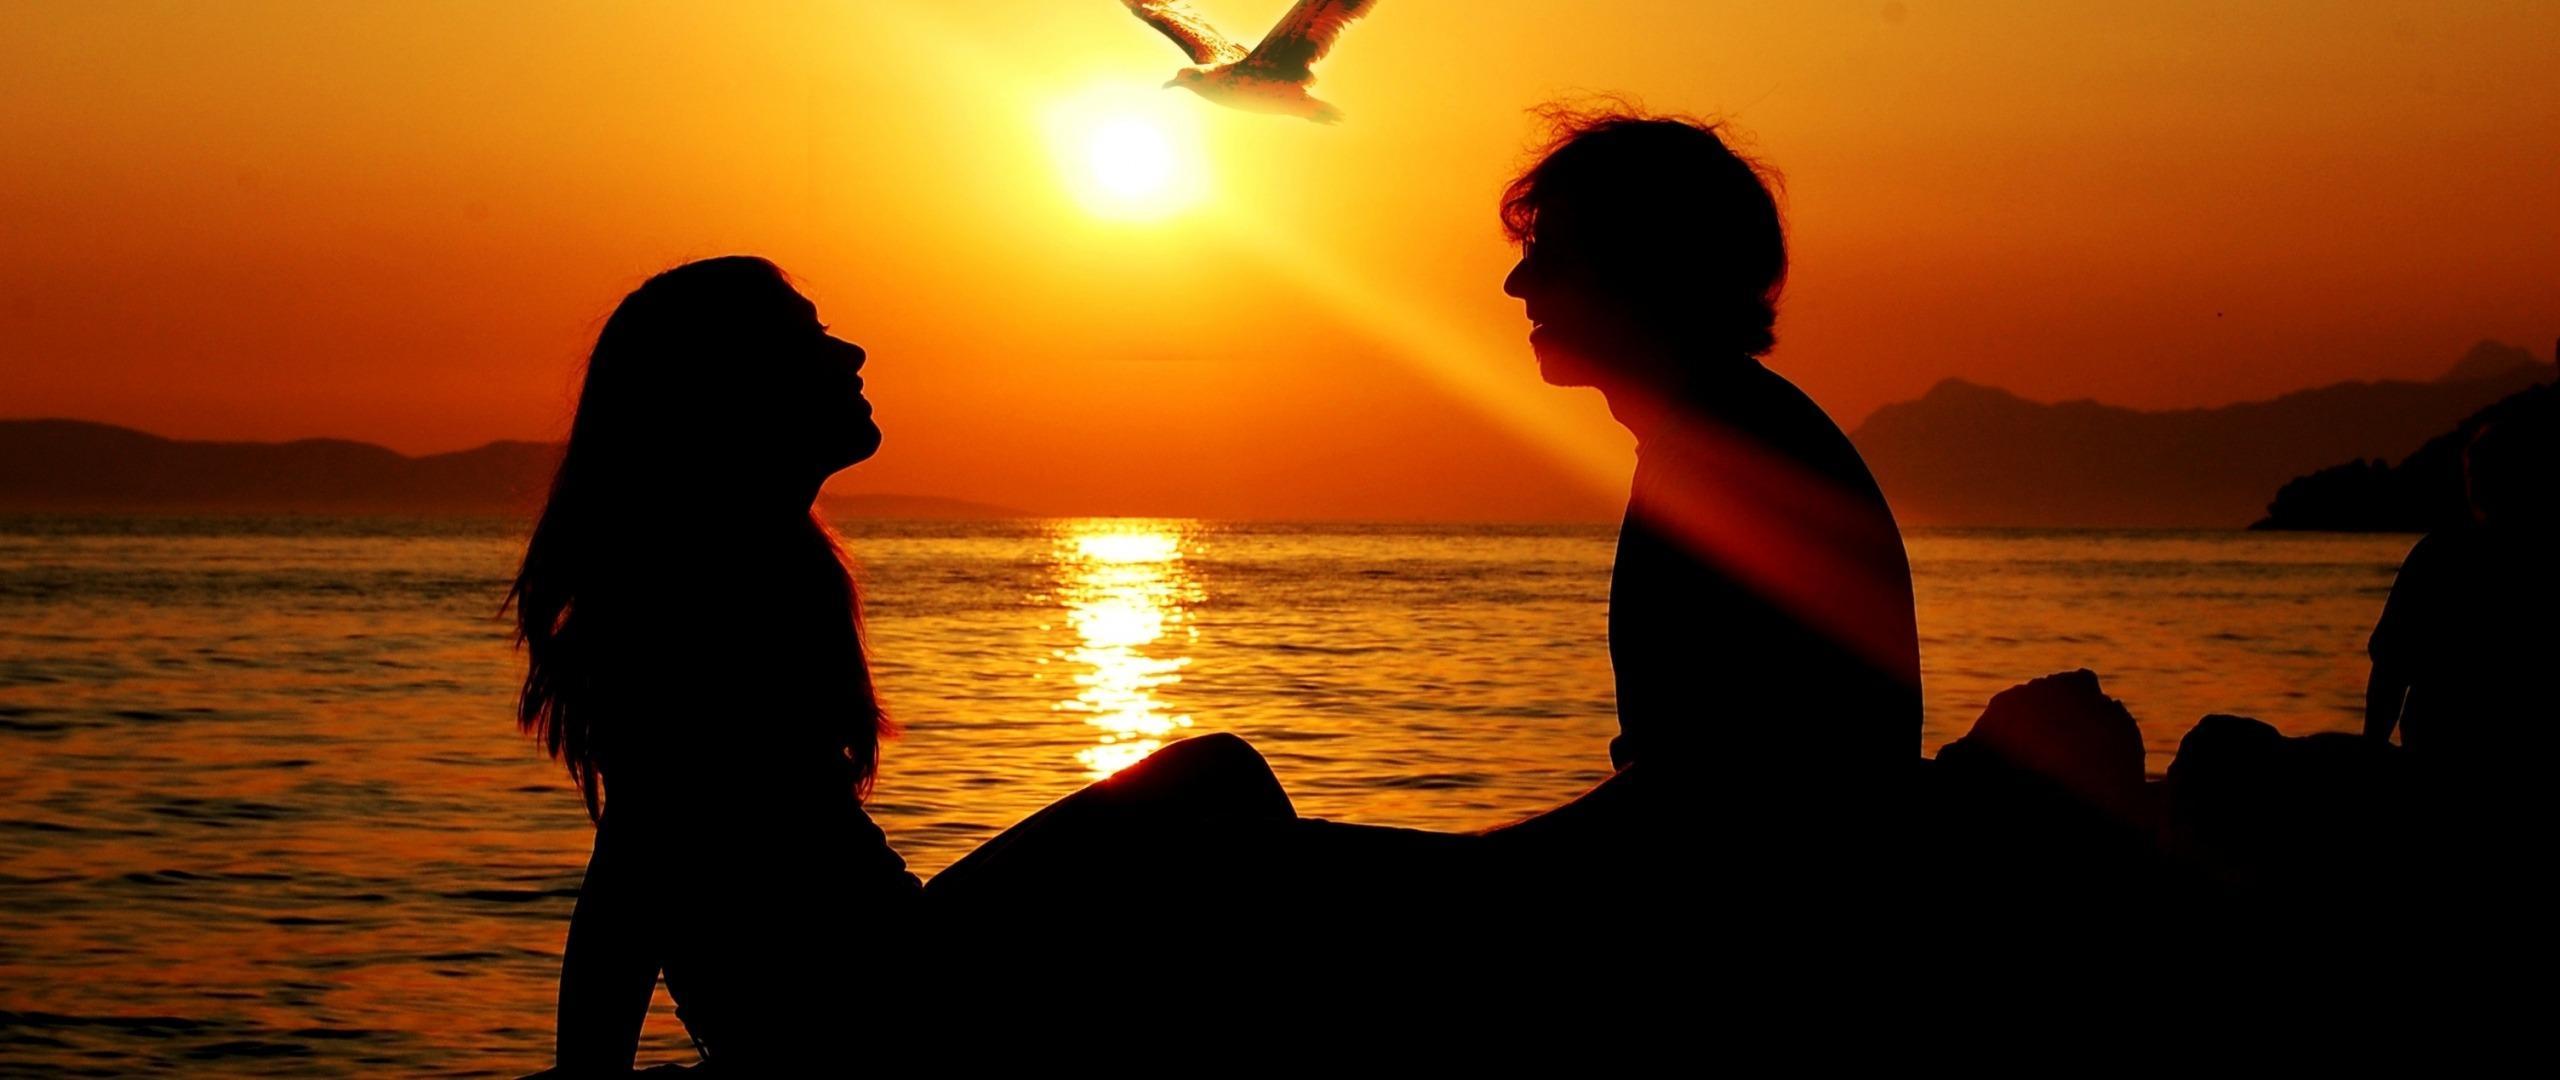 Gelecek Hayalleri Kurmaya Başladıysanız Aşk